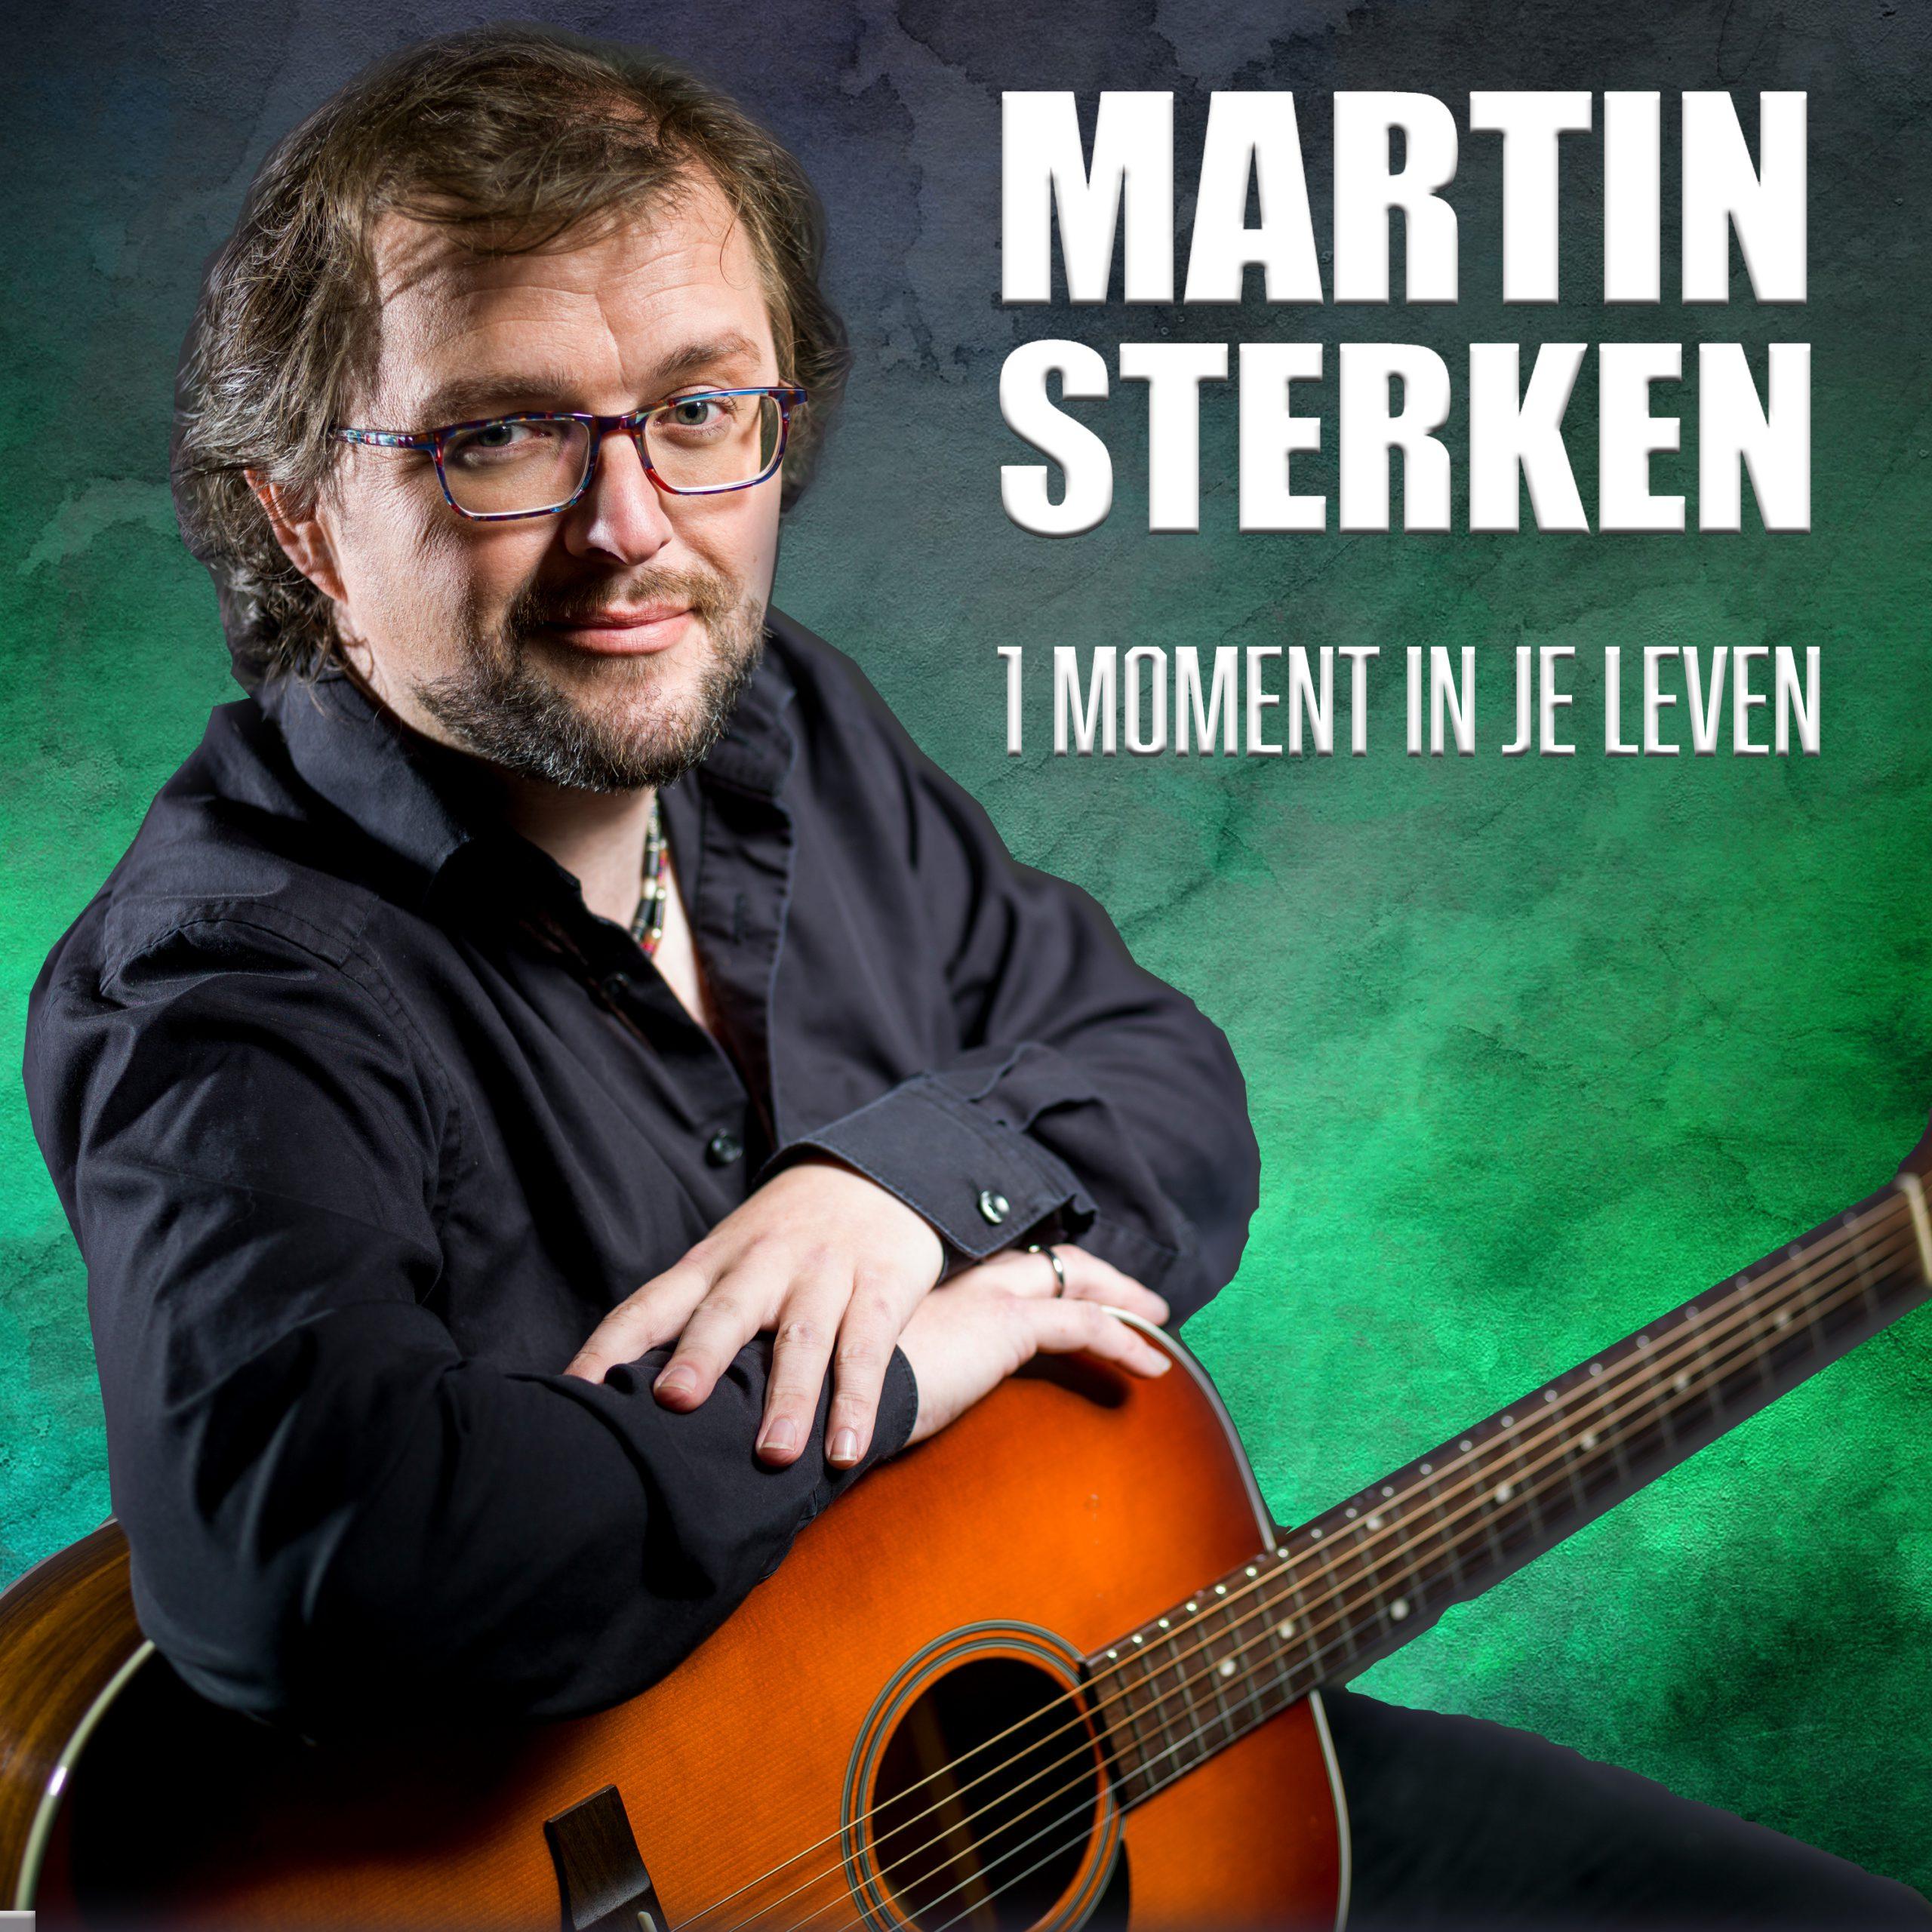 Martin Sterken-1 Moment in je leven